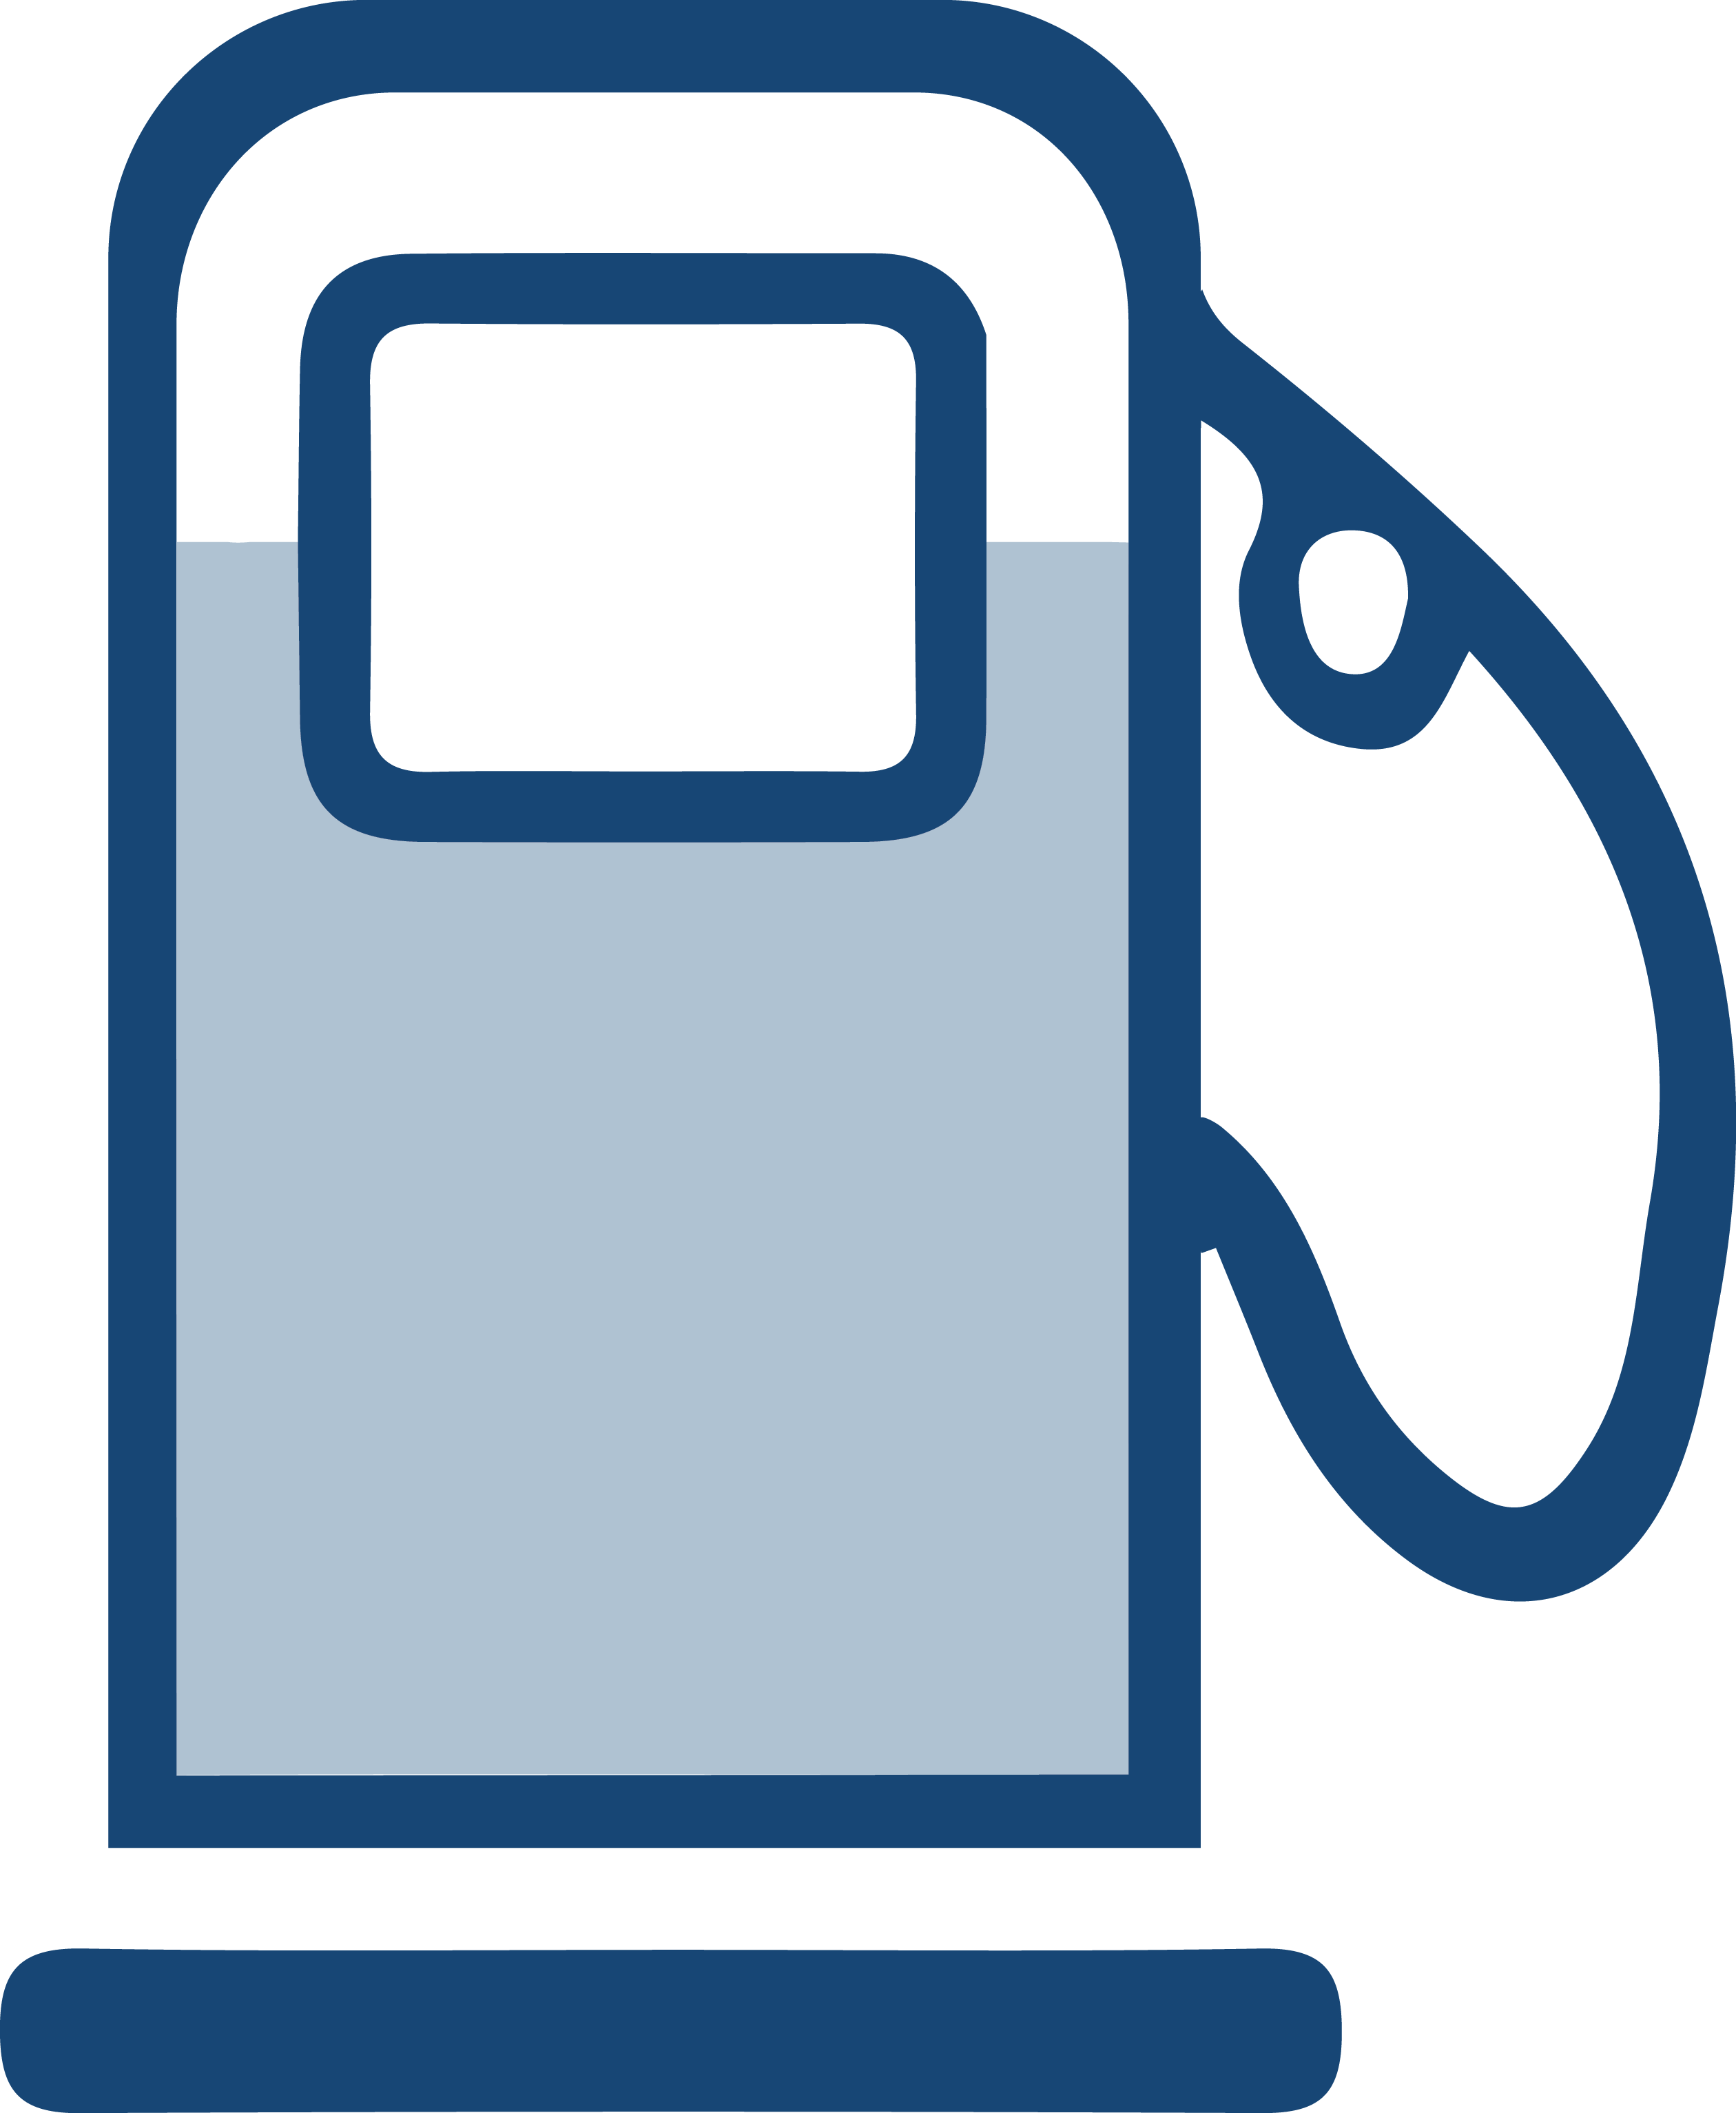 Fuel Petrol Pump Png Image Fuel Petrol Photo